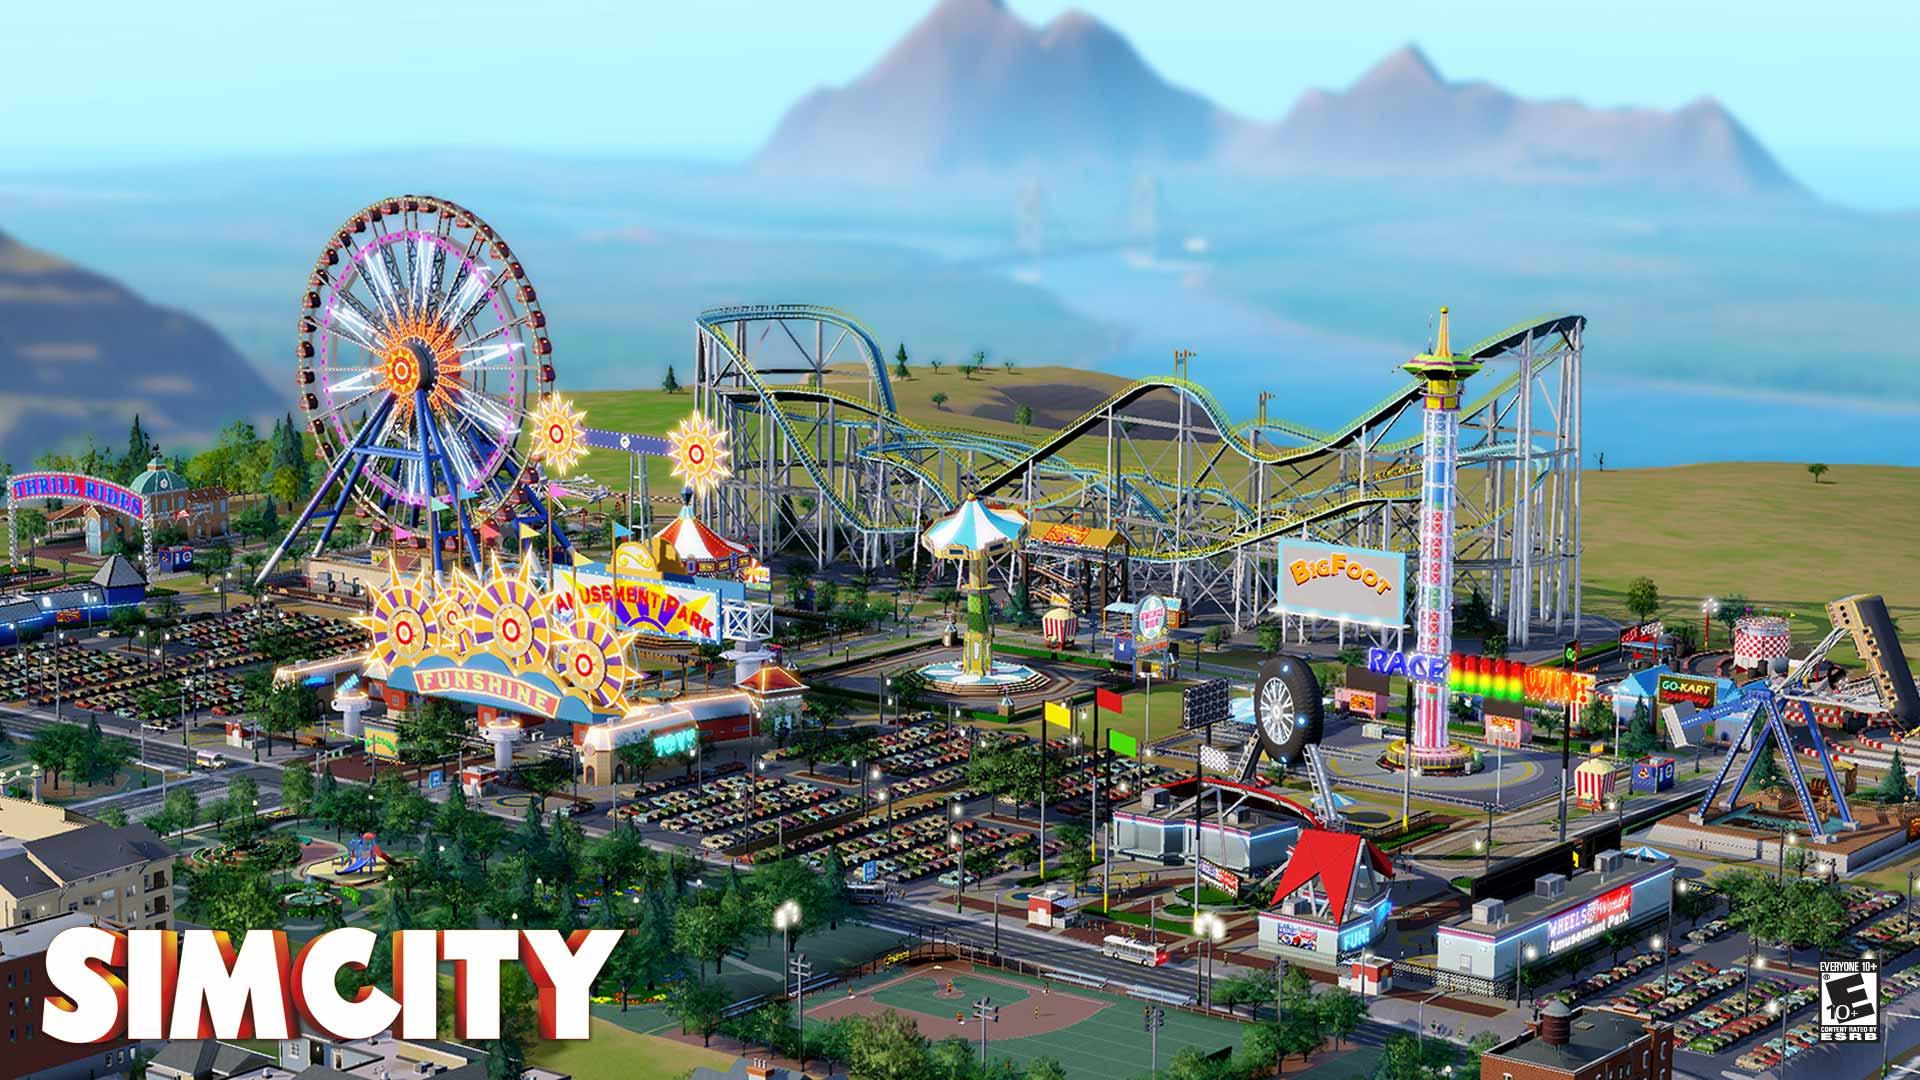 Sim city 4 launcher download